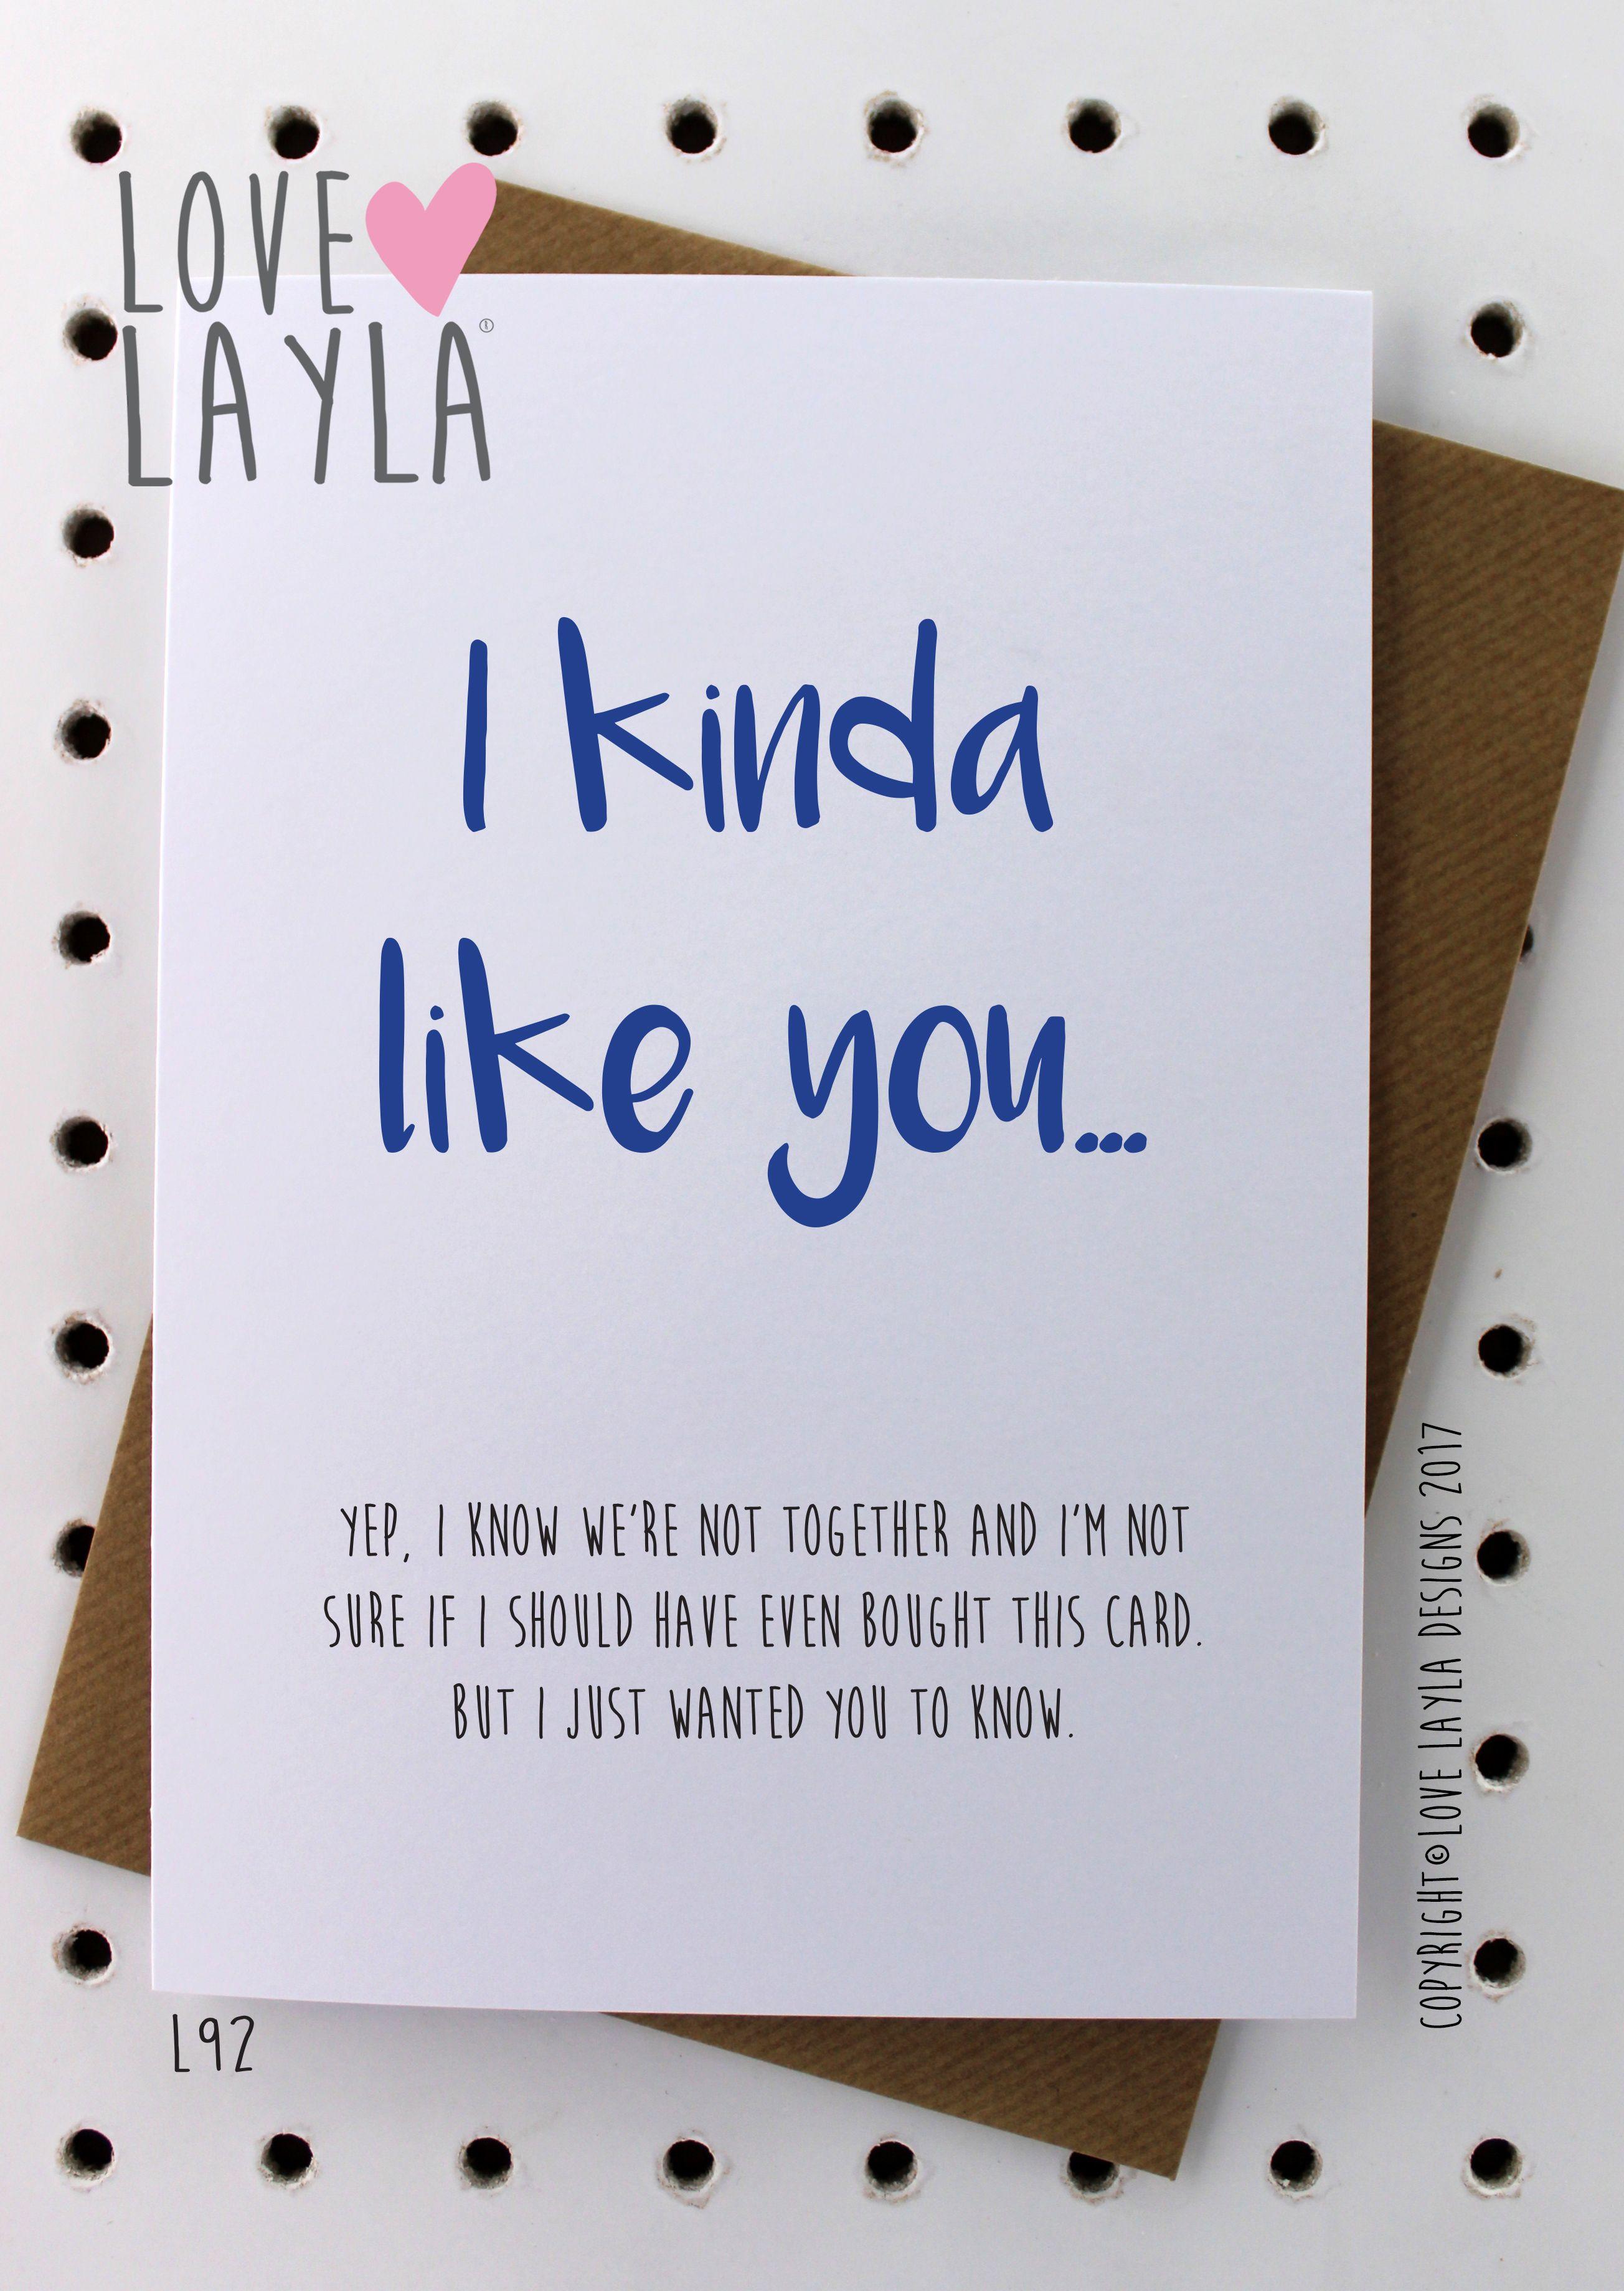 I kinda like you.. Card